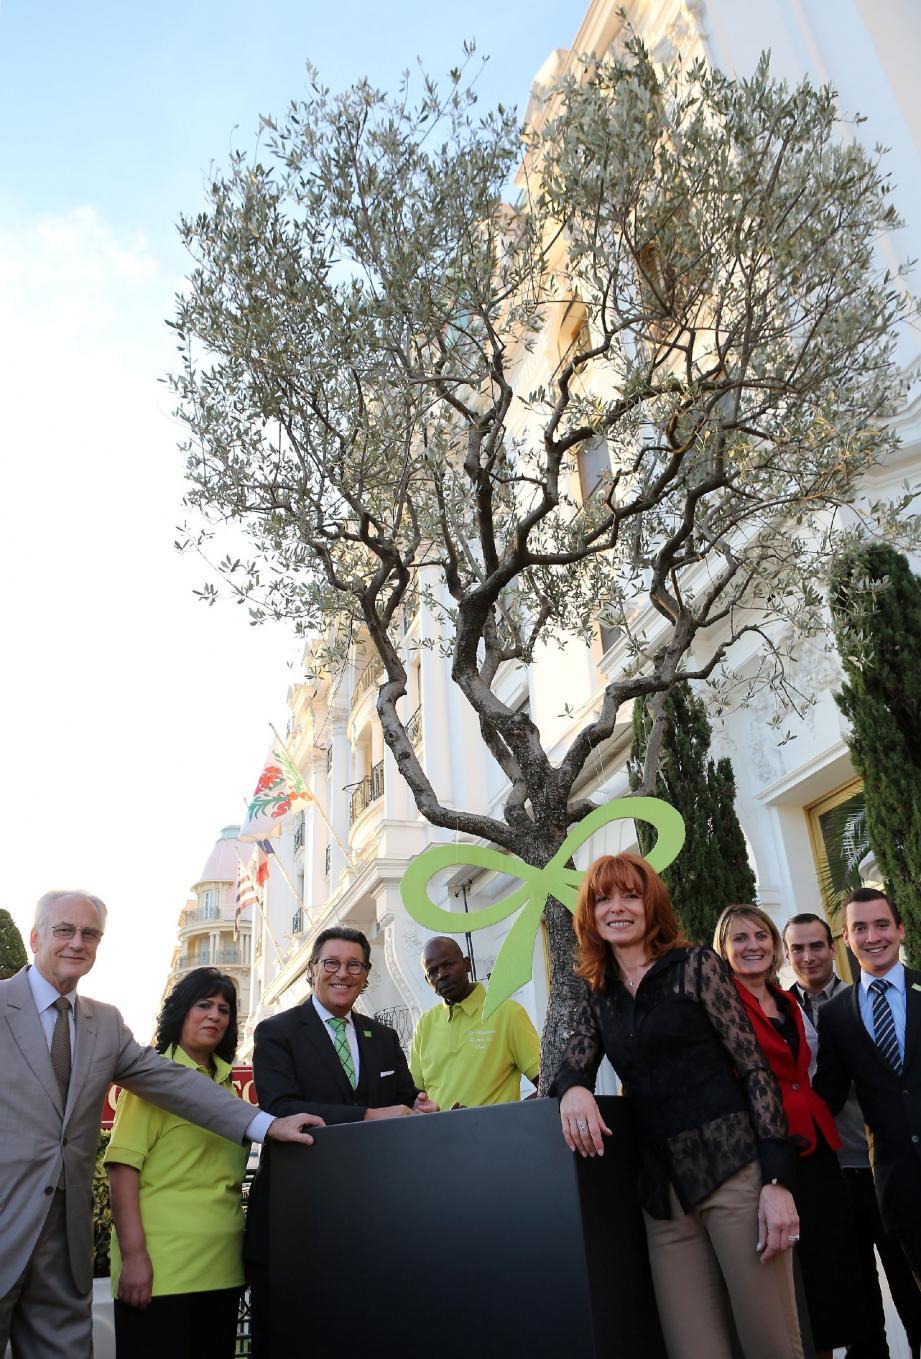 Pour l'écolabellisation, le Negresco s'est offert une mascotte : un olivier, symbole vert par excellence.